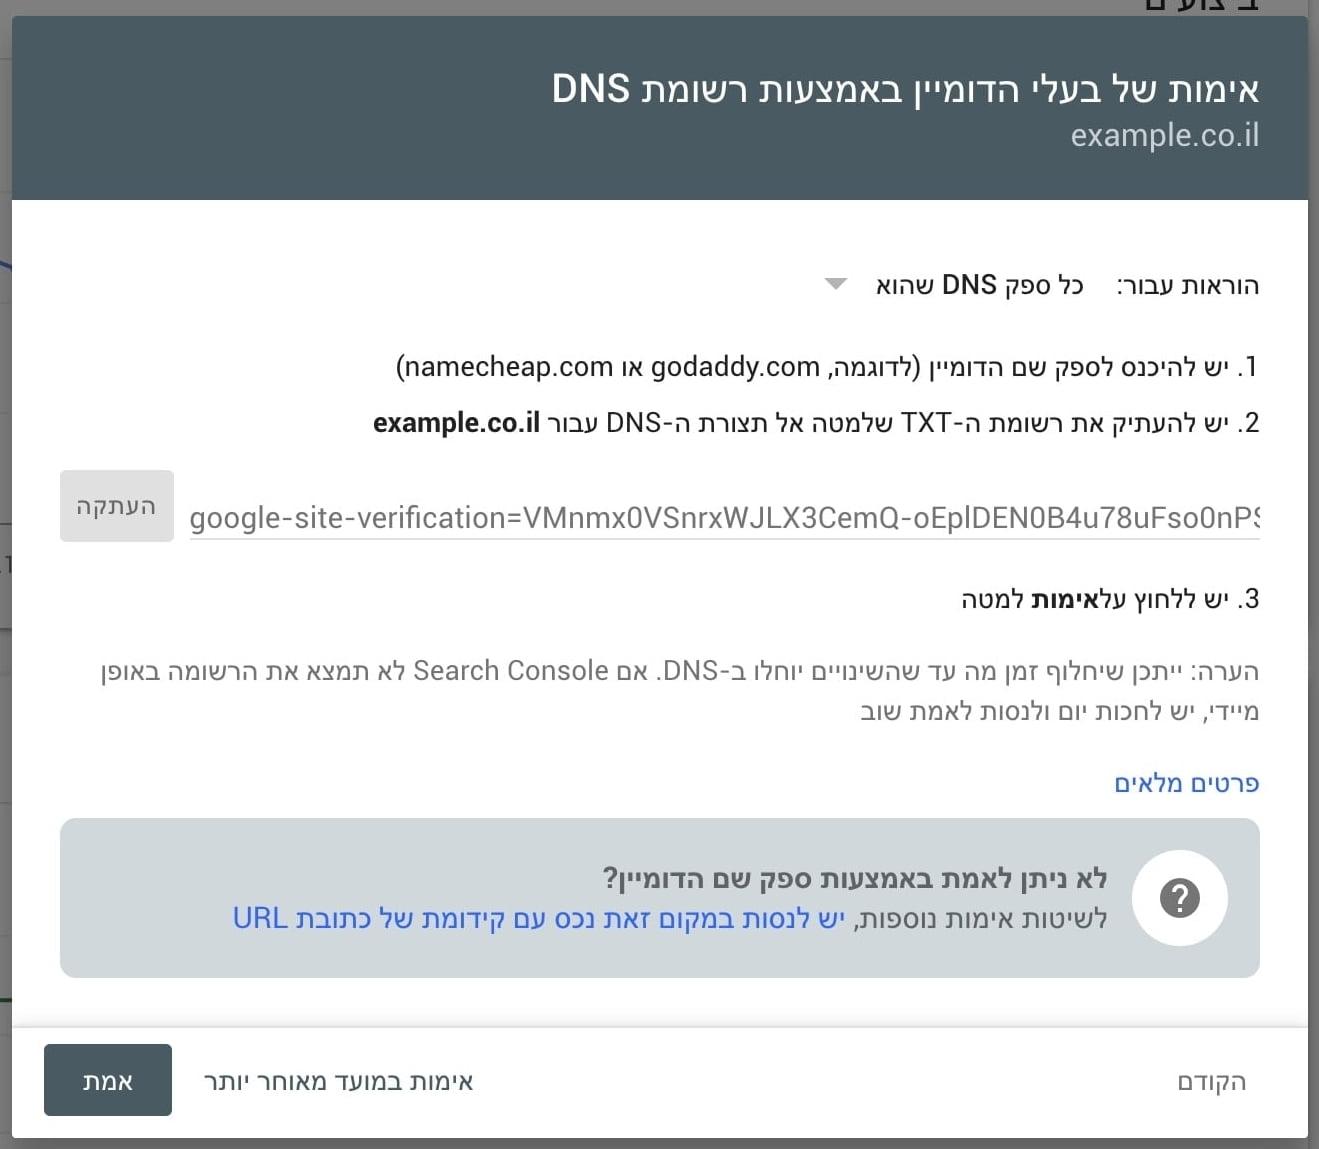 אימות בעל דומיין באמצעות רשומת DNS